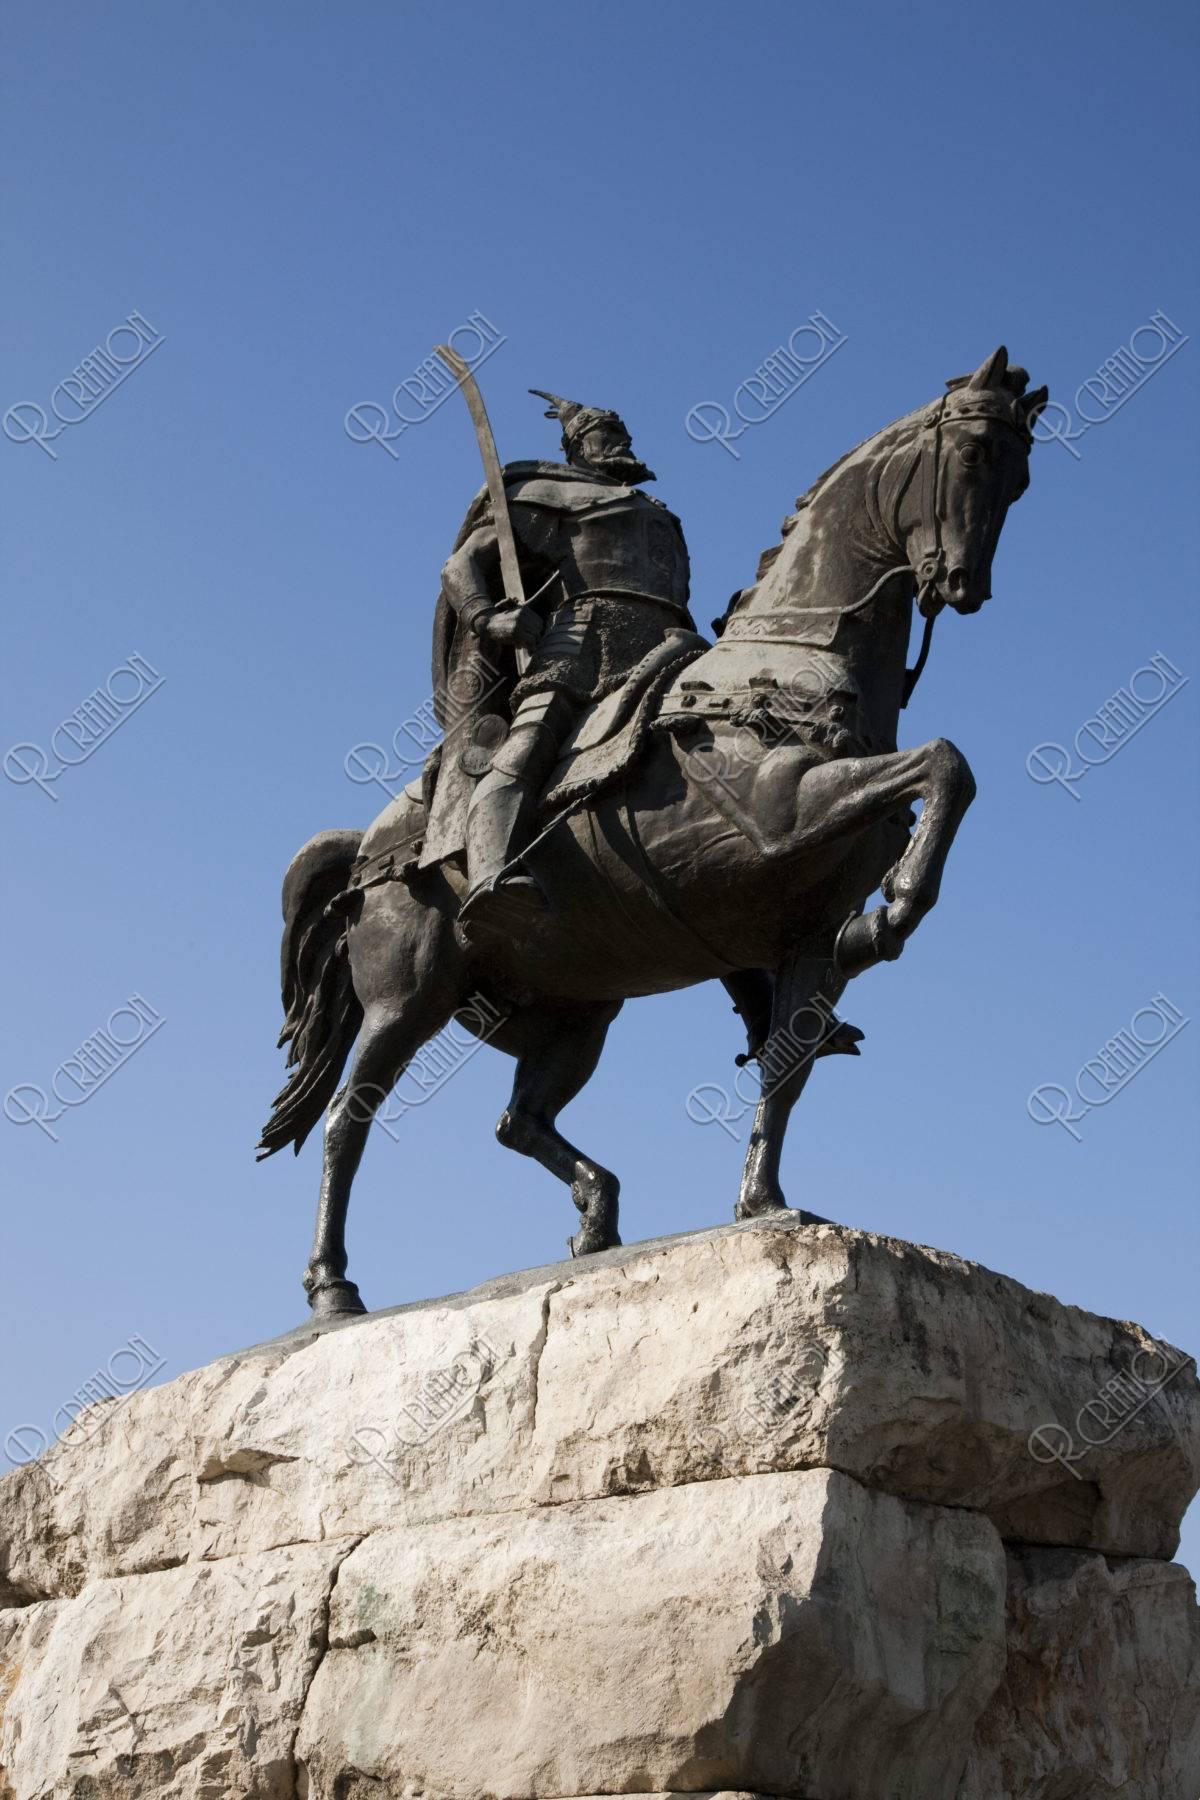 スカンデルベグの騎馬像